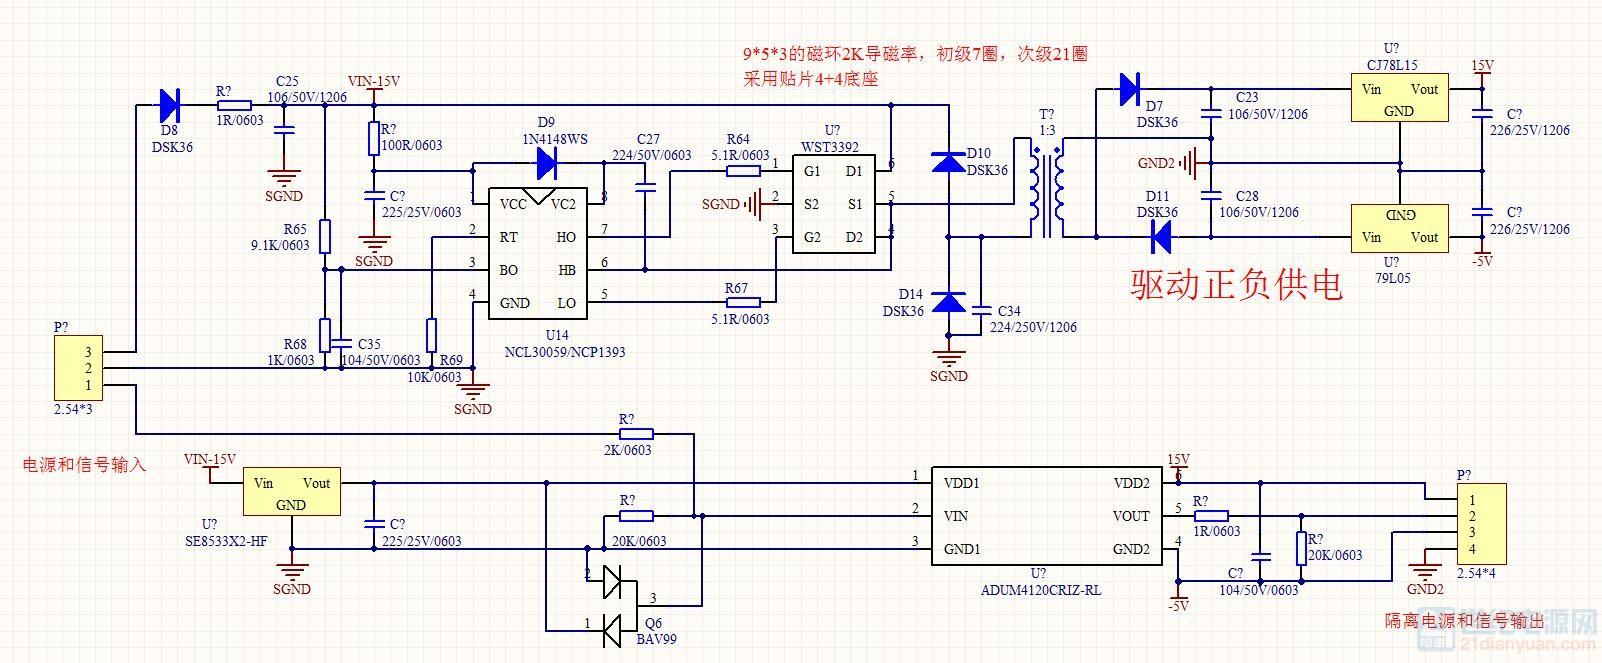 驱动模块原理图11-20.jpg